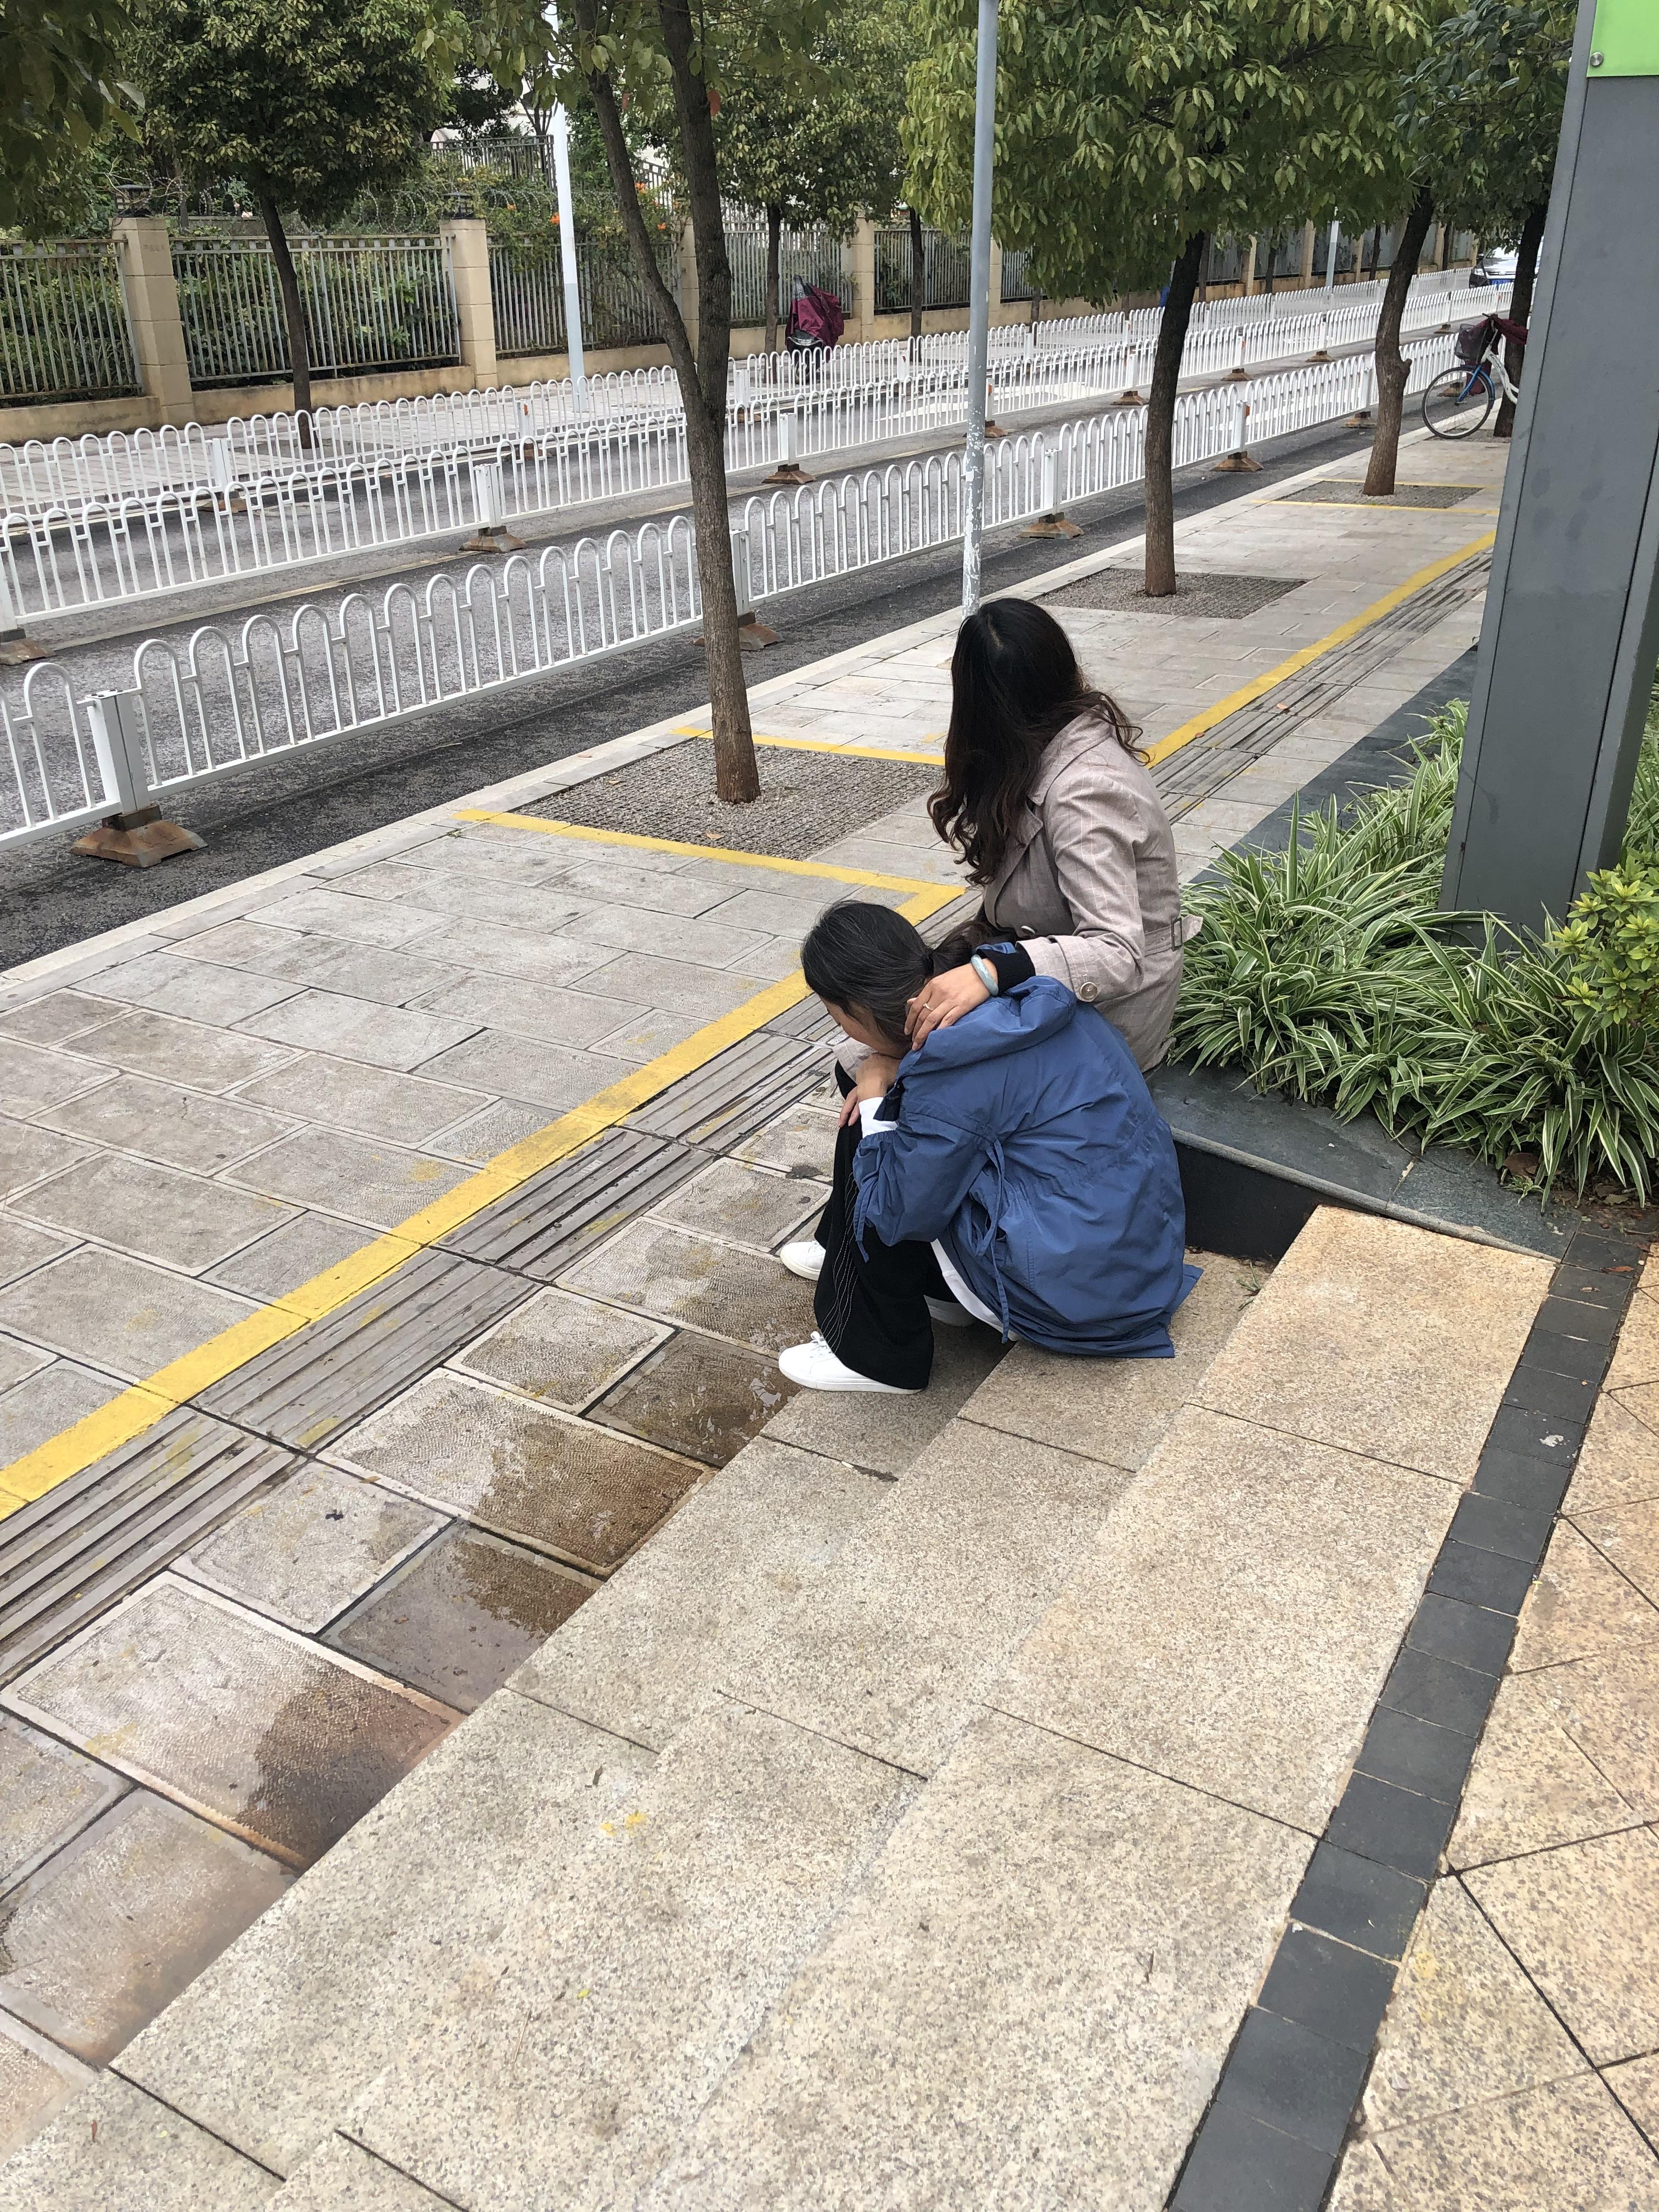 从酒店去警局的路上,陈美莲坐在台阶上,陷入悲伤